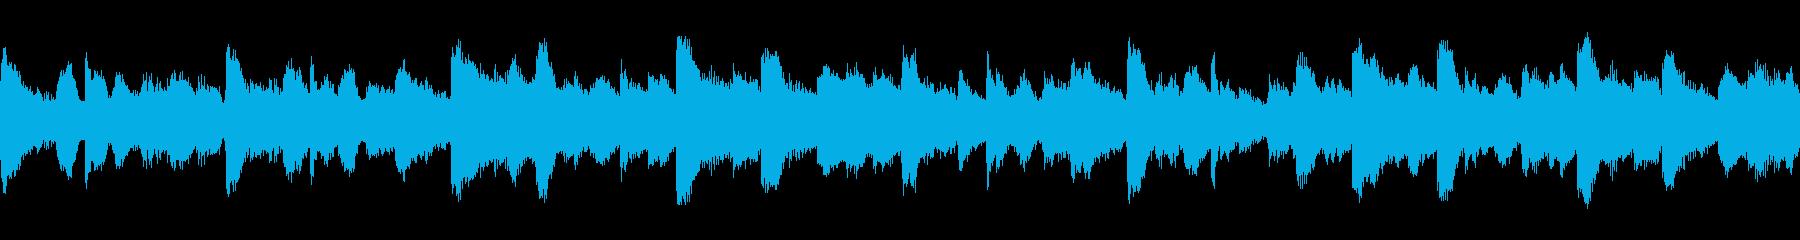 幻想的で落ち着いたアンビエント2 ループの再生済みの波形